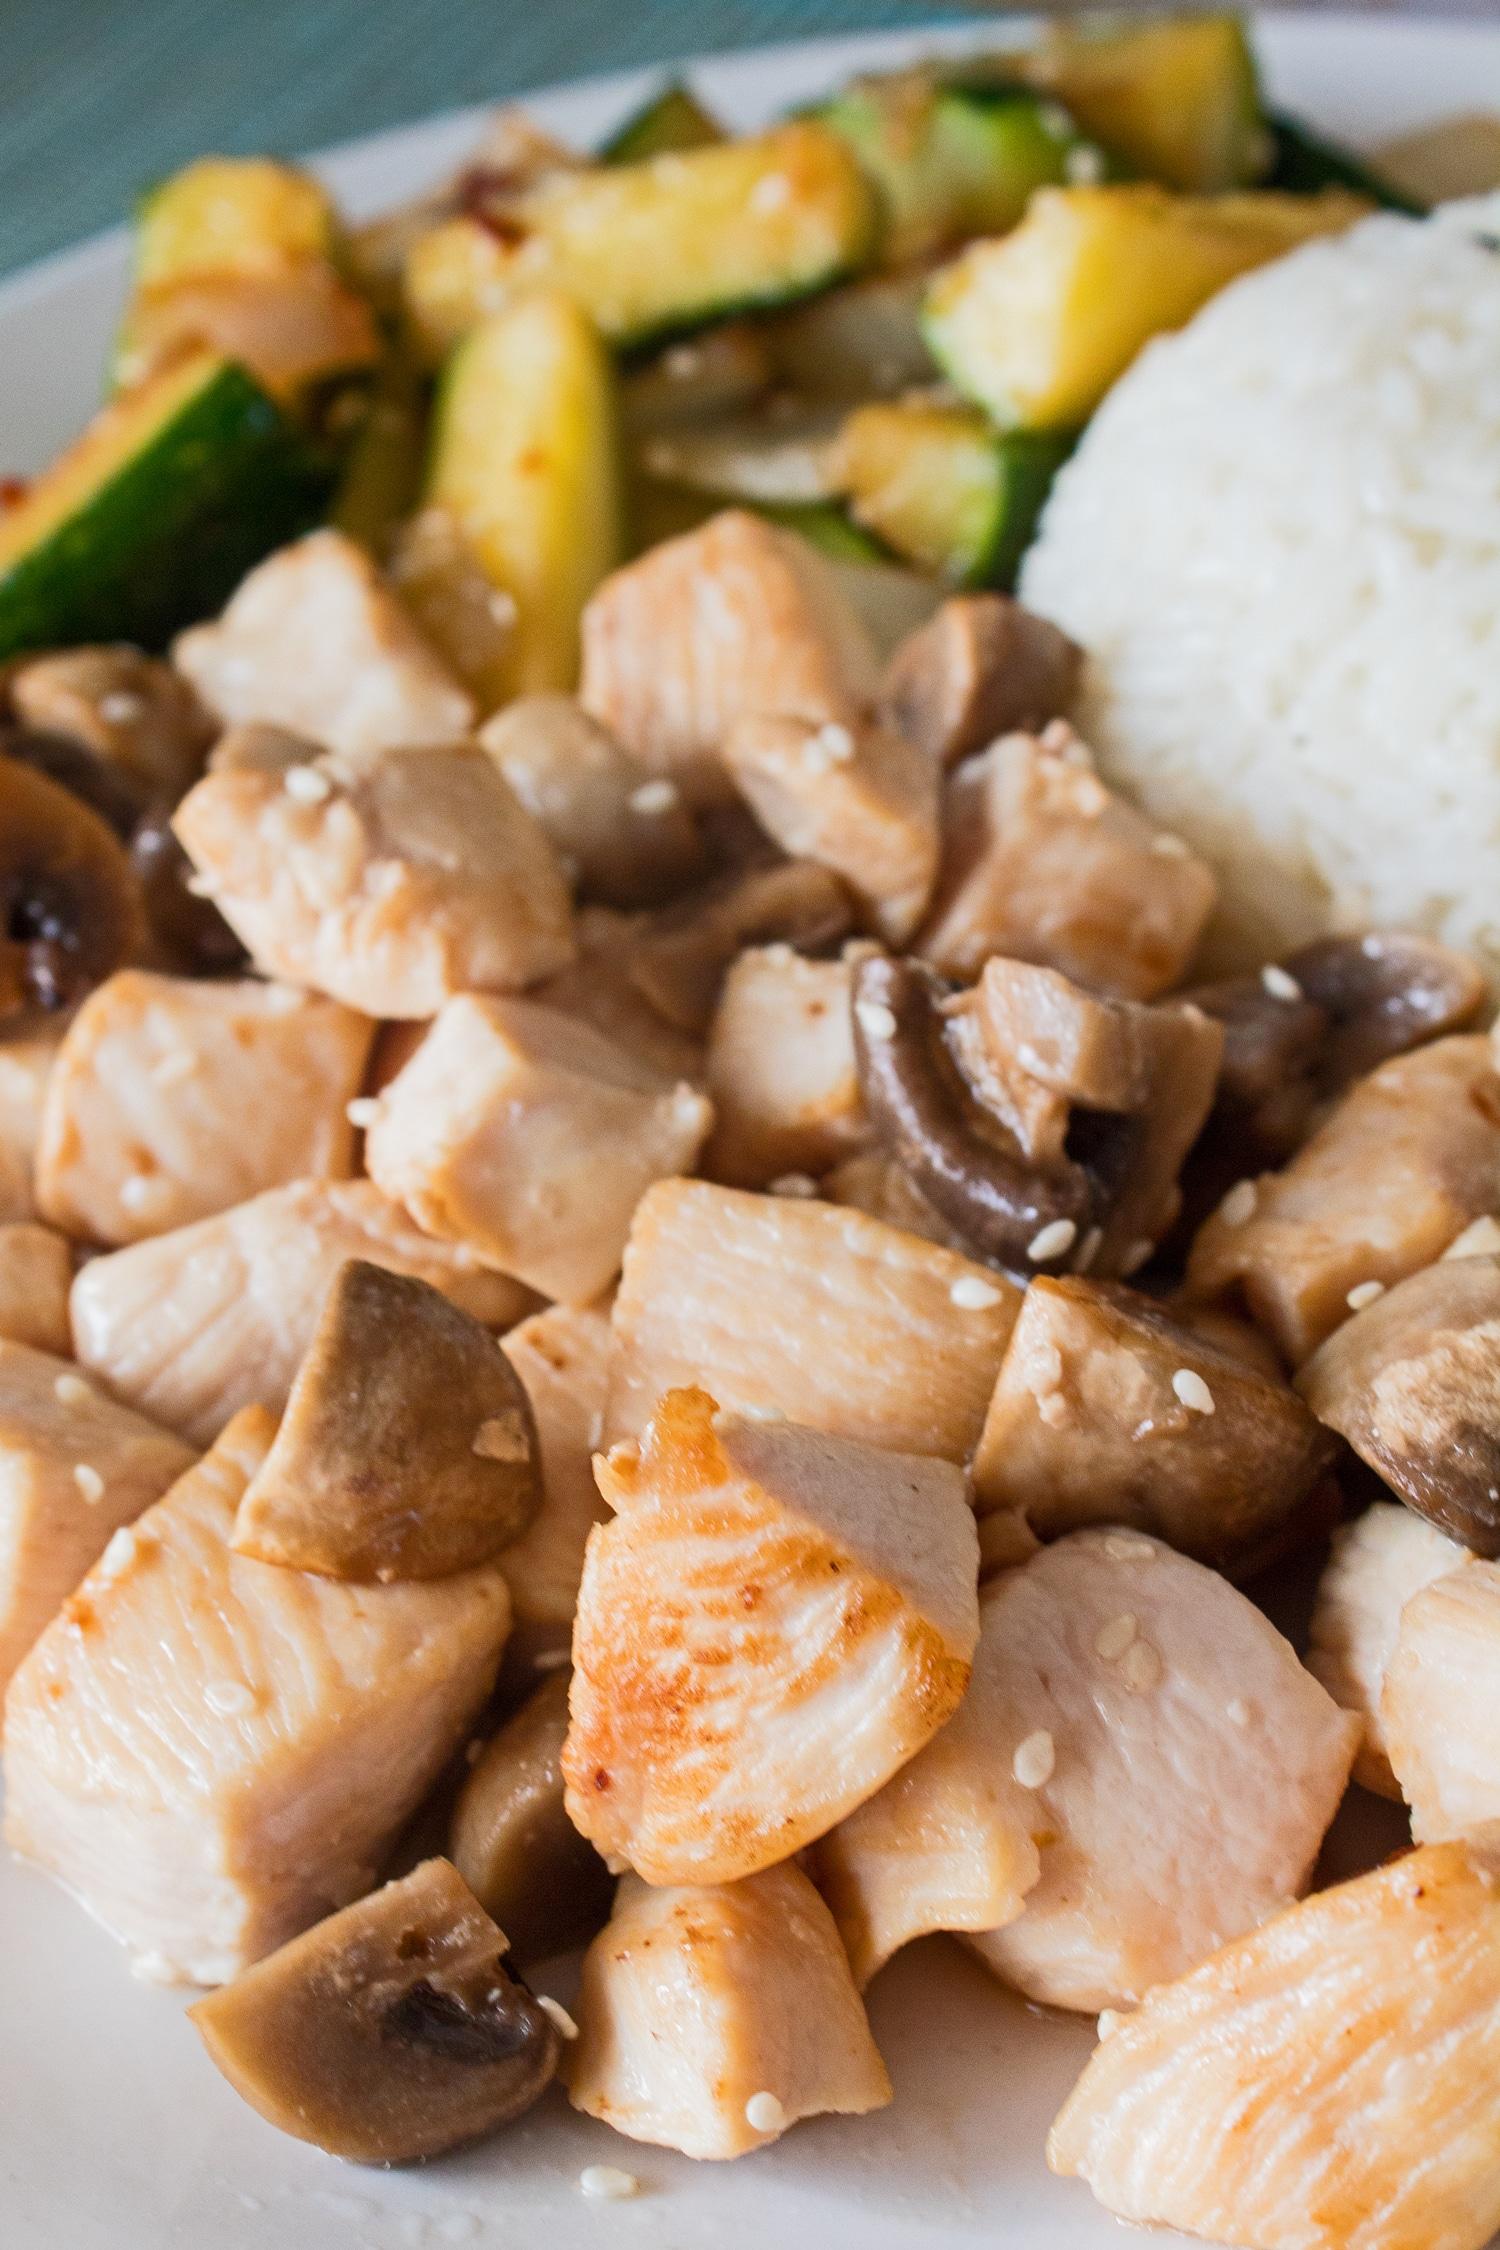 Acercamiento de pollo hibachi con champiñones en una placa blanca con calabacín hibachi y arroz en el fondo